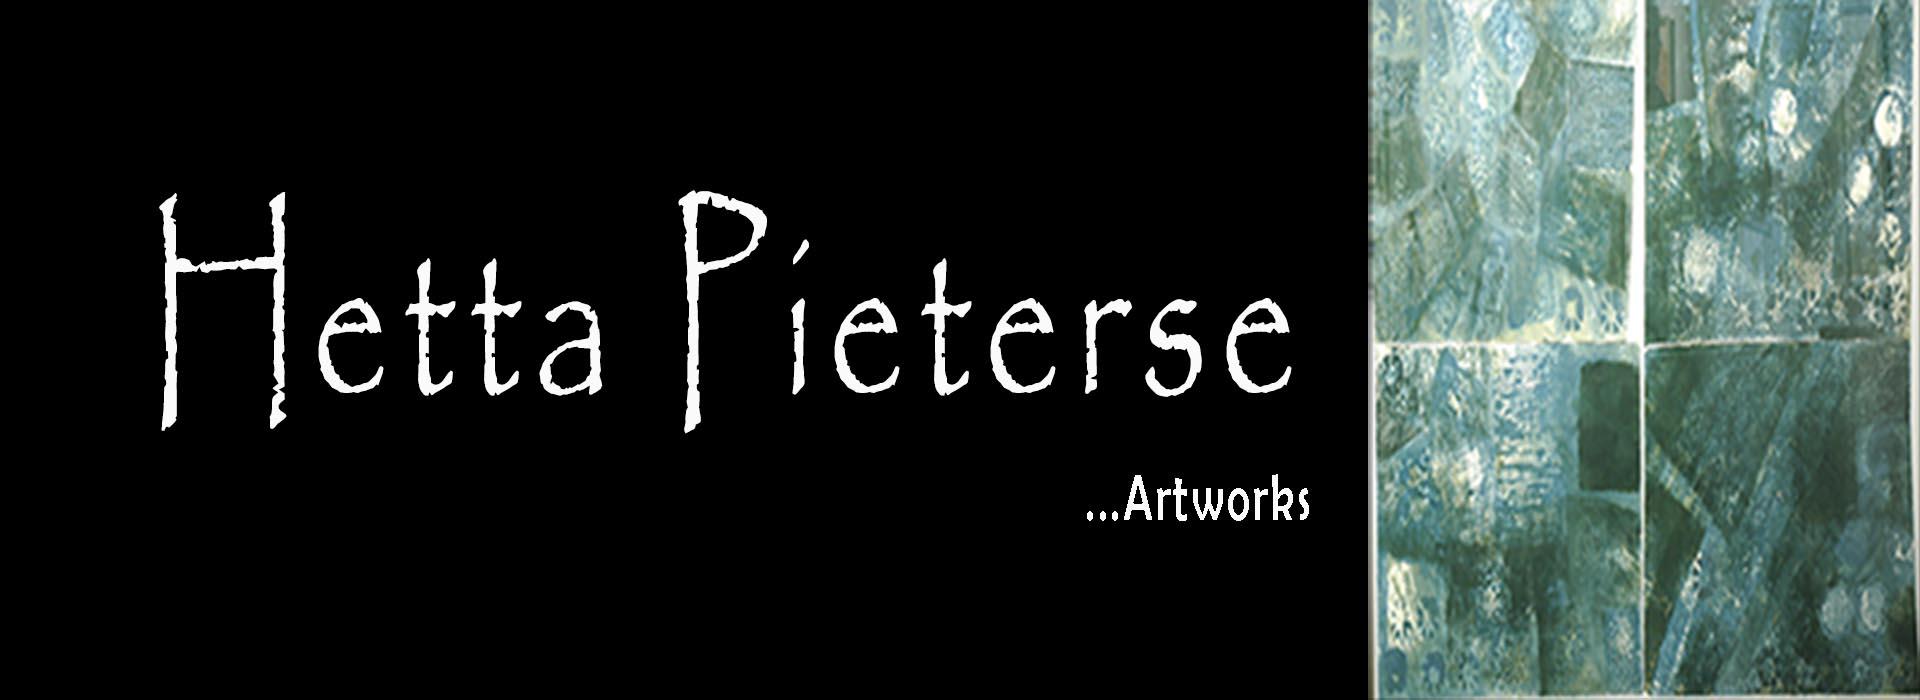 Hetta Pieterse